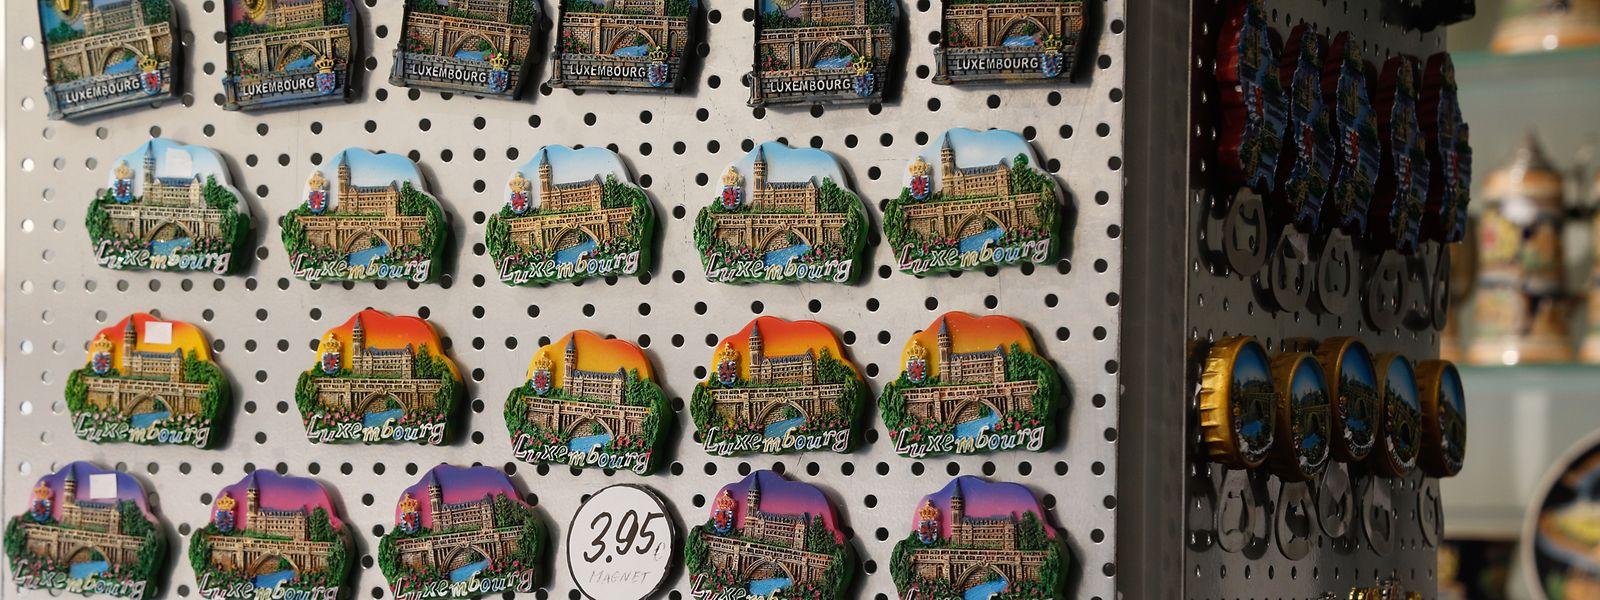 La vente de souvenirs est en chute libre, suivant la même pente que le nombre de nuitées assurées par les touristes dans la capitale.